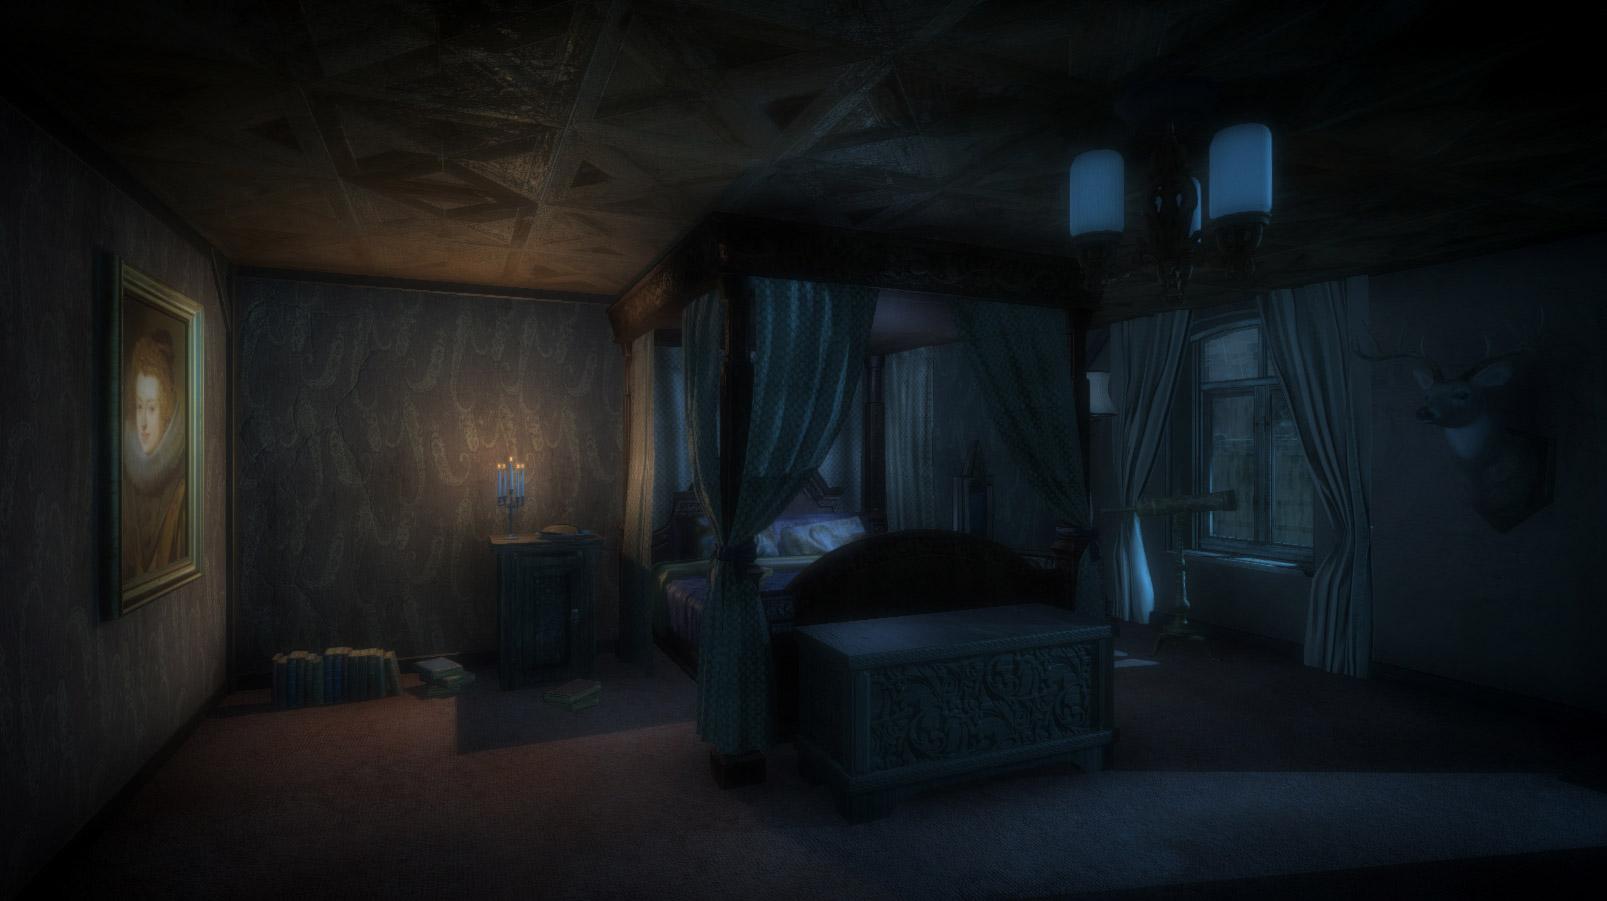 SteamDolls VR - SteamDolls VR